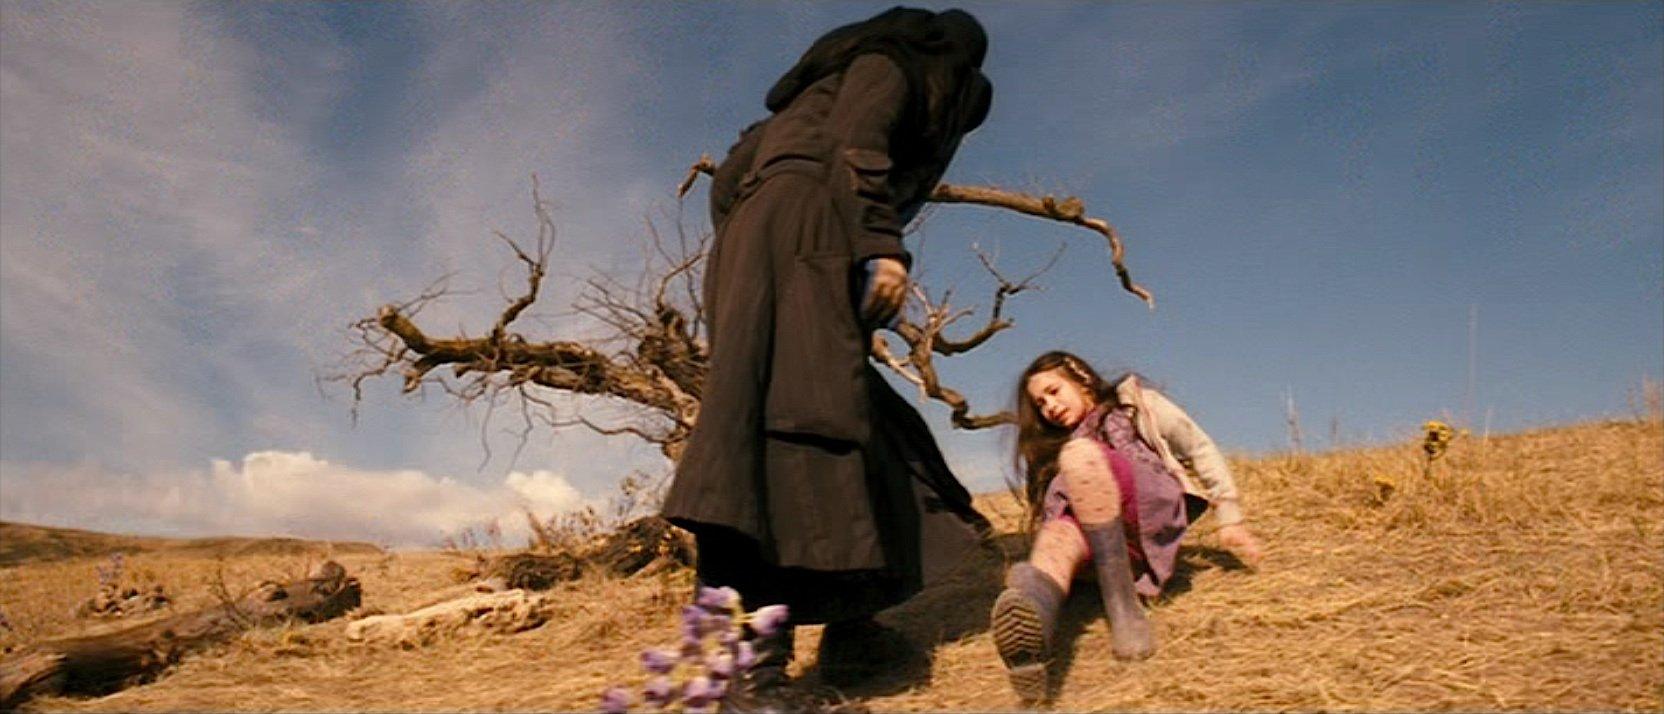 10 самых страшных фильмов жуткое кино отвратительные мужики disgusting men